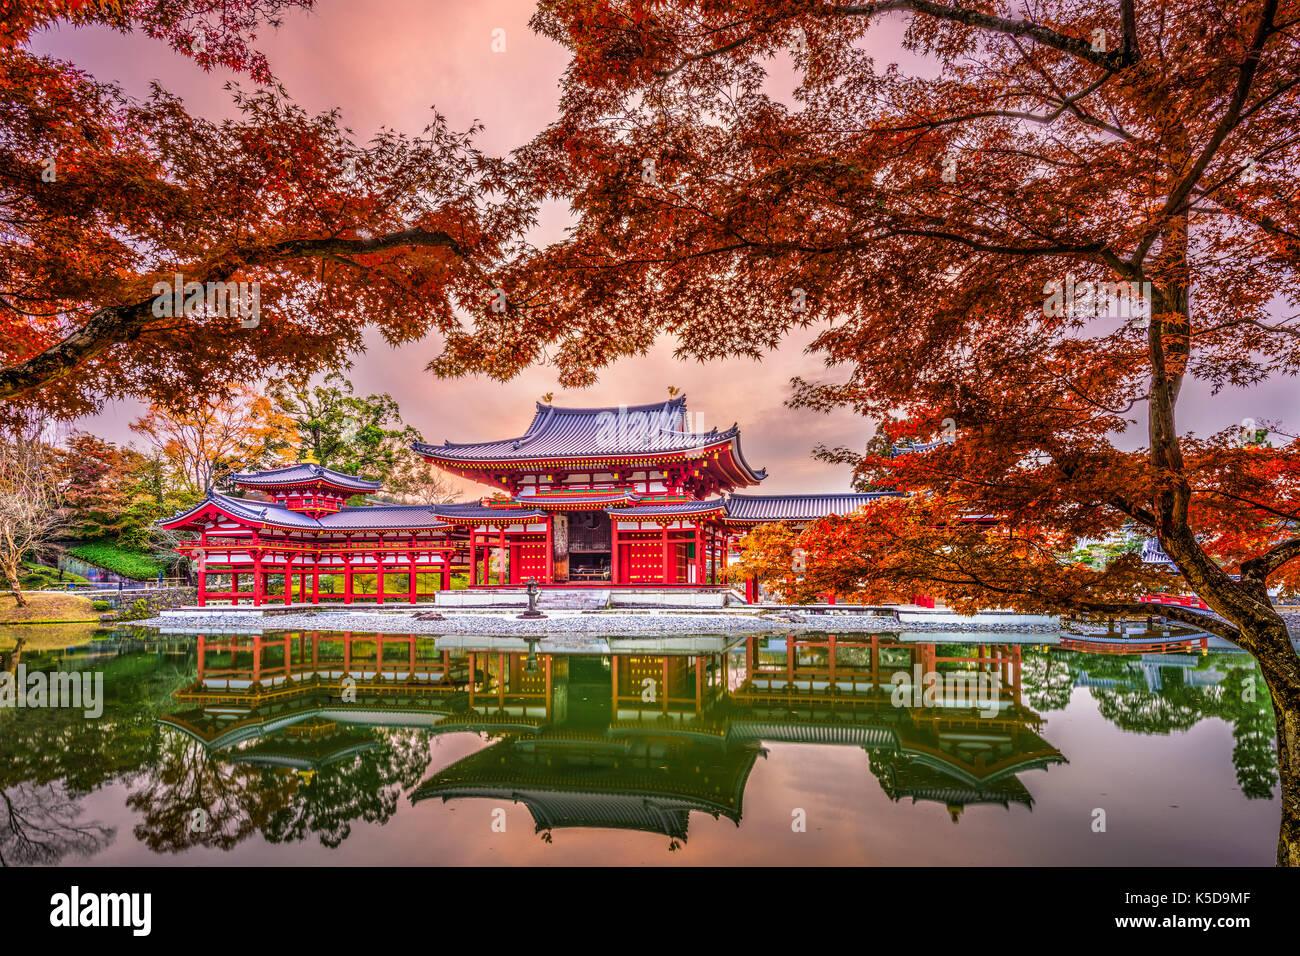 Uji, Kyoto, Giappone al tempio byodoin durante la stagione autunnale. Immagini Stock